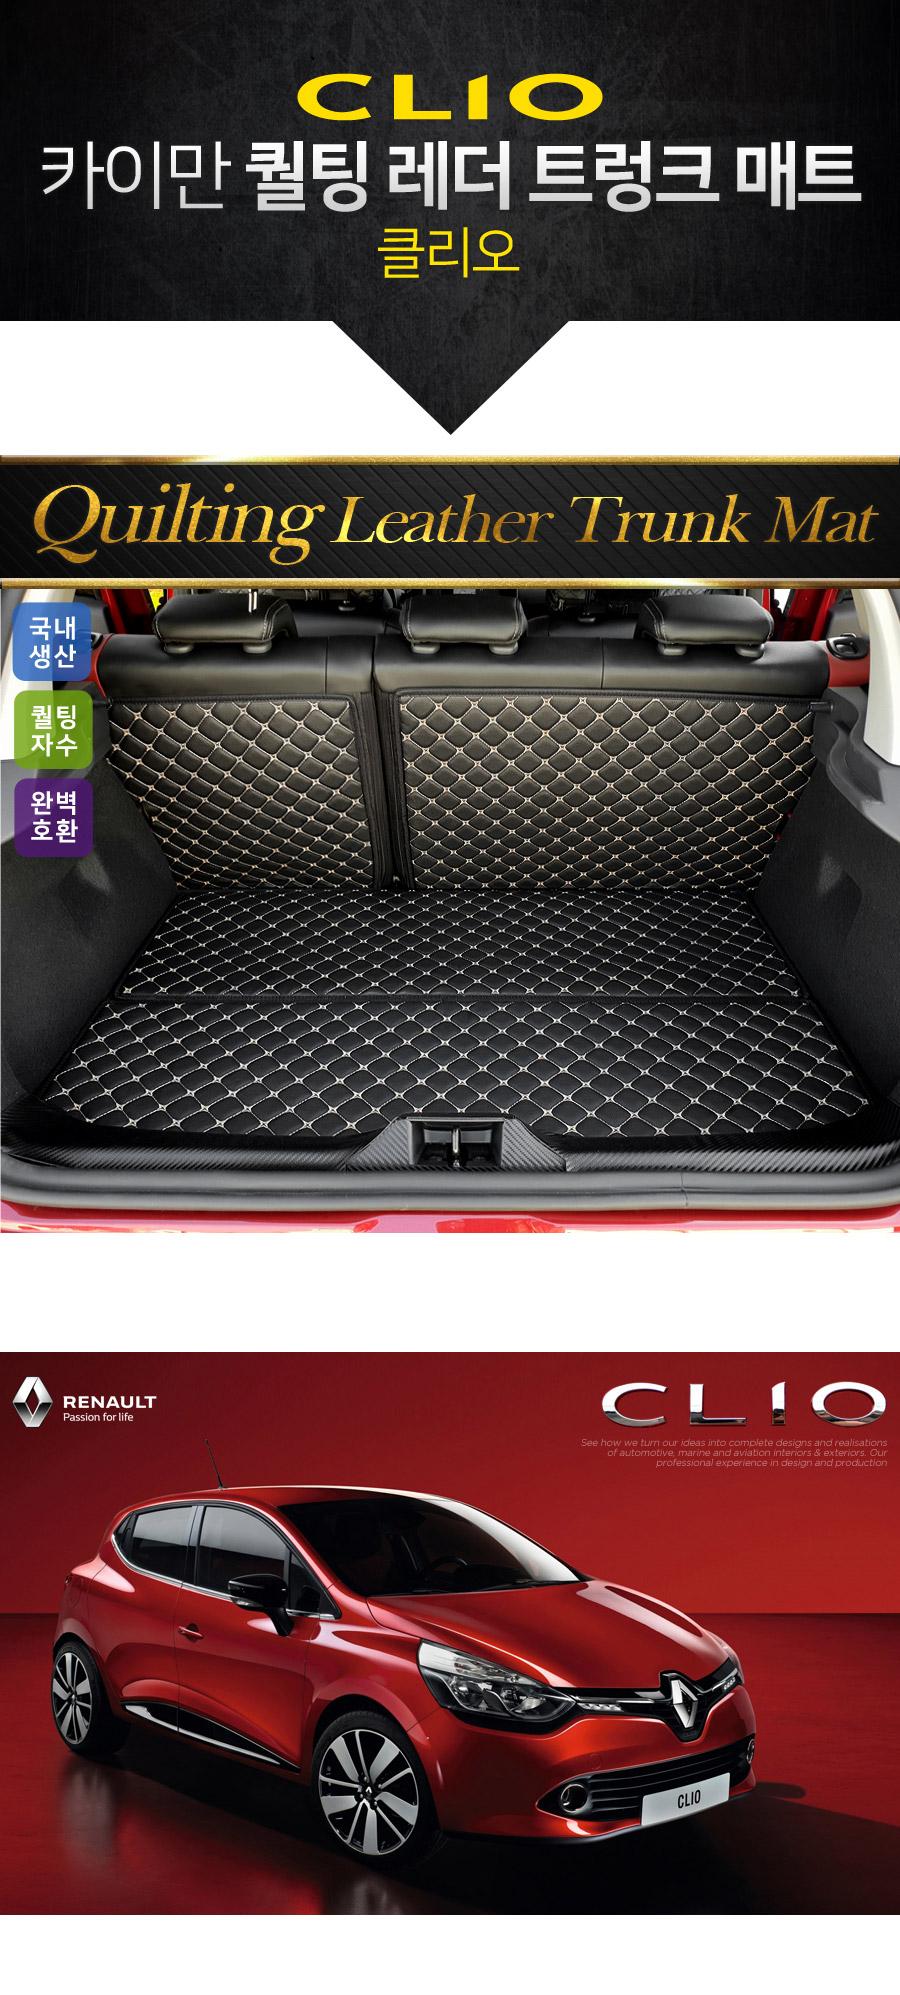 clio_quilting_trunk_mat_01.jpg